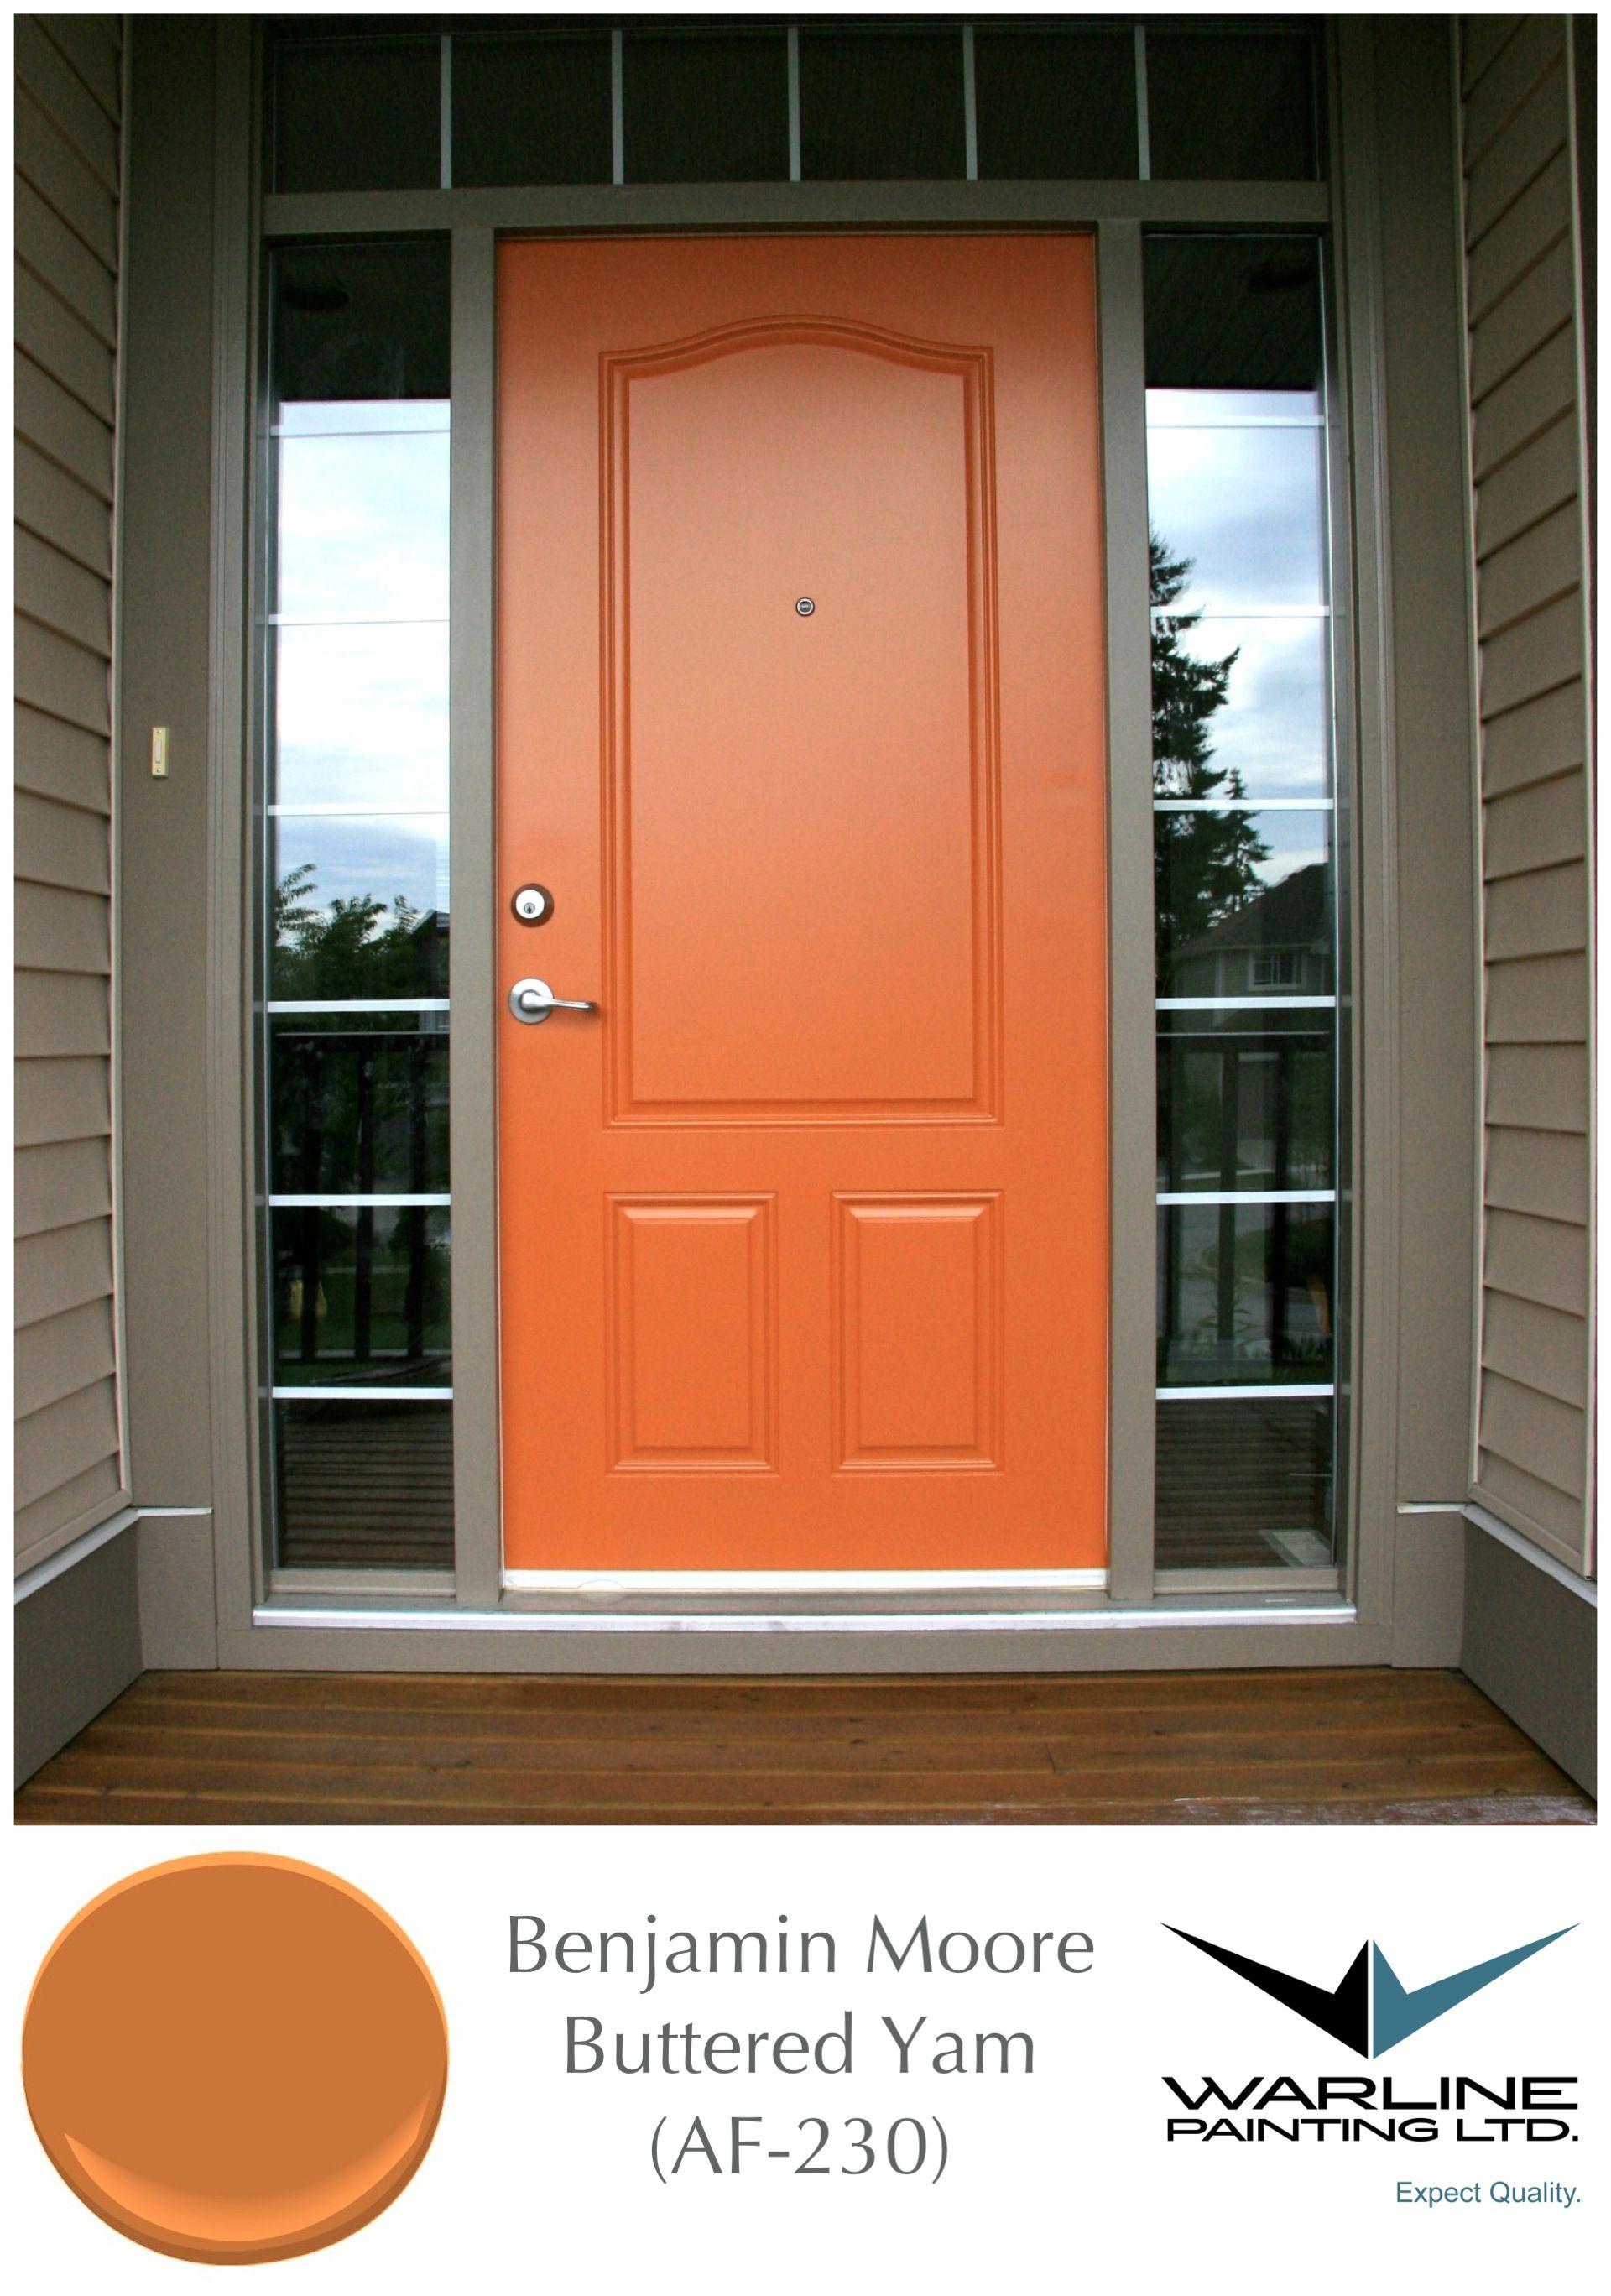 Professional colour advice paint samples puertas de - Exterior paint colors benjamin moore ...